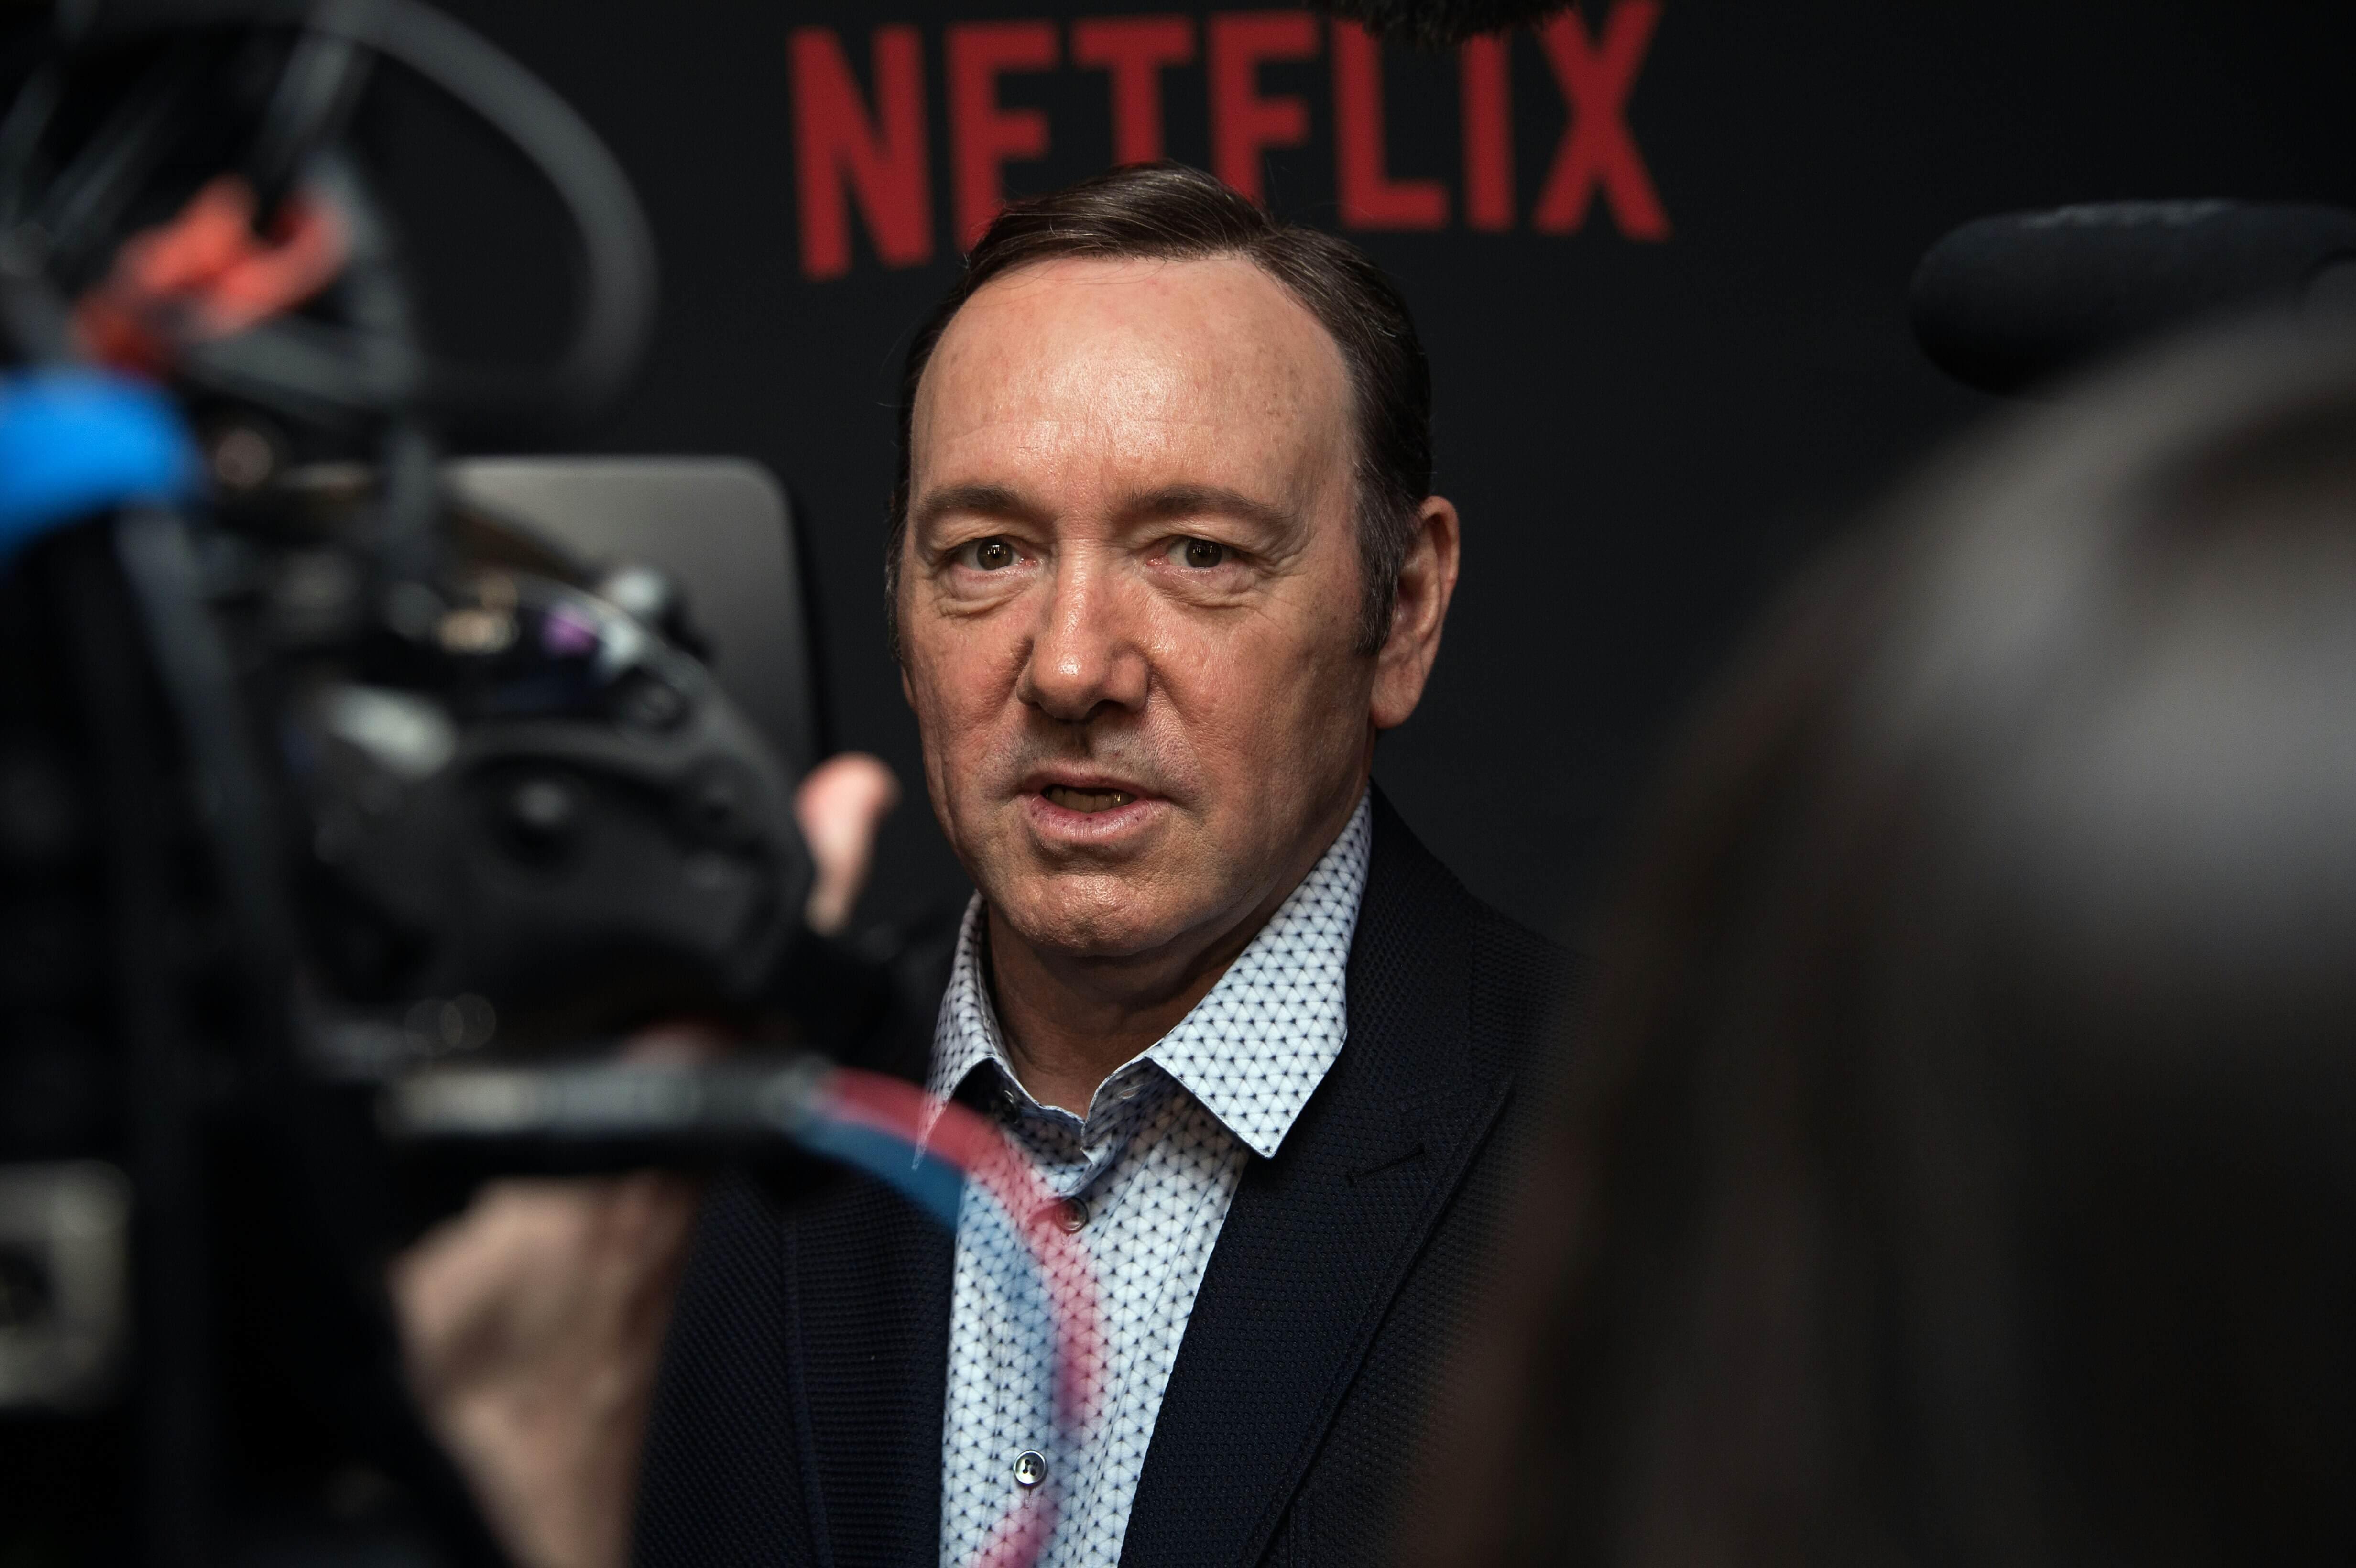 Este es el actor mexicano que se suma a acusaciones contra Kevin Spacey por acoso sexual